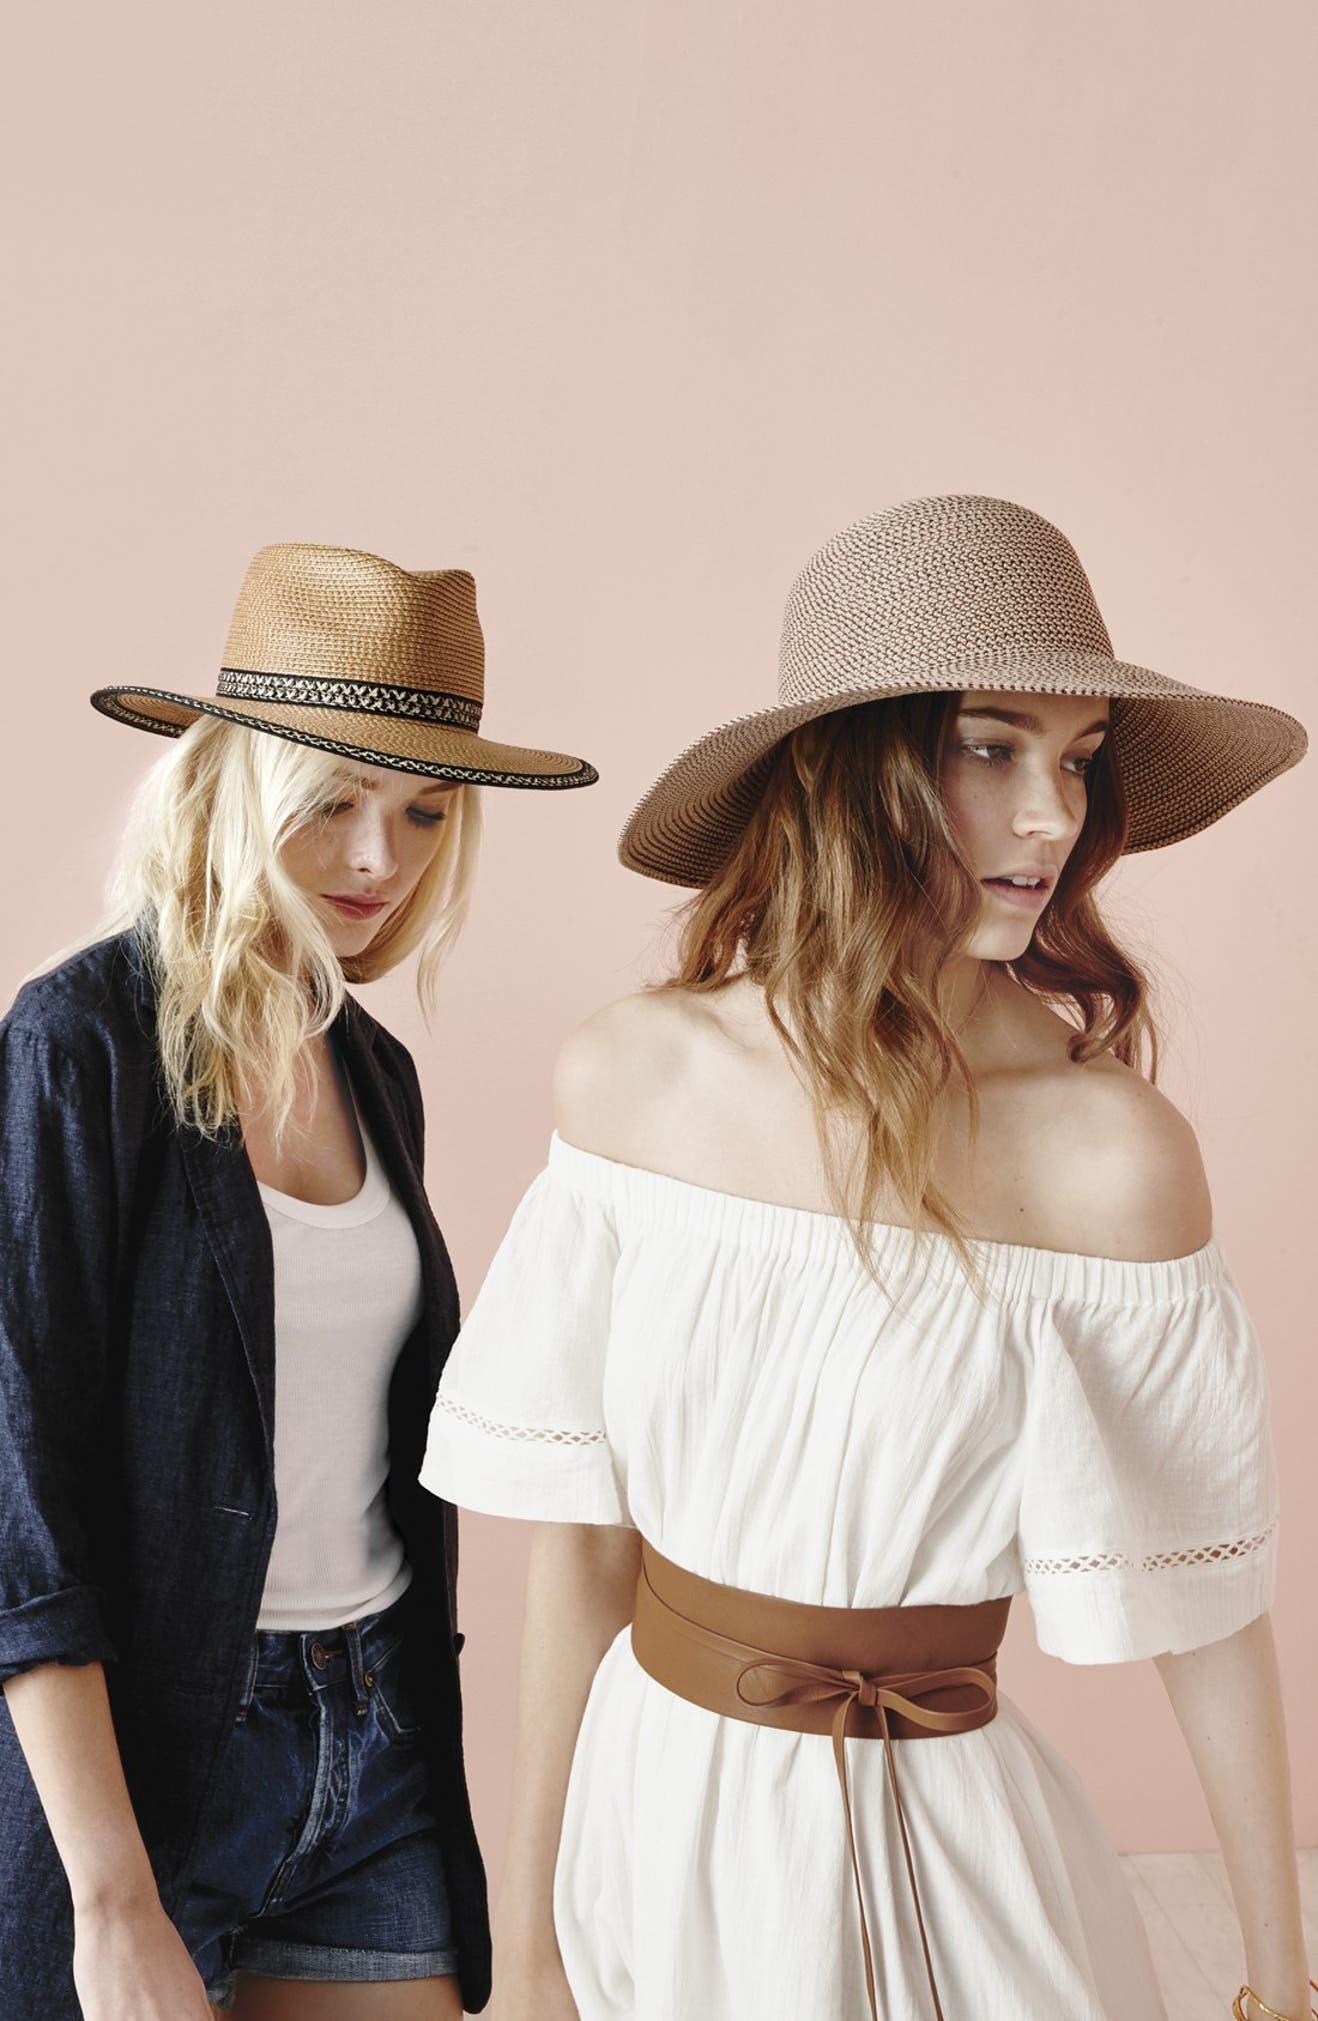 dbbdb7fd1 'Hampton' Straw Sun Hat